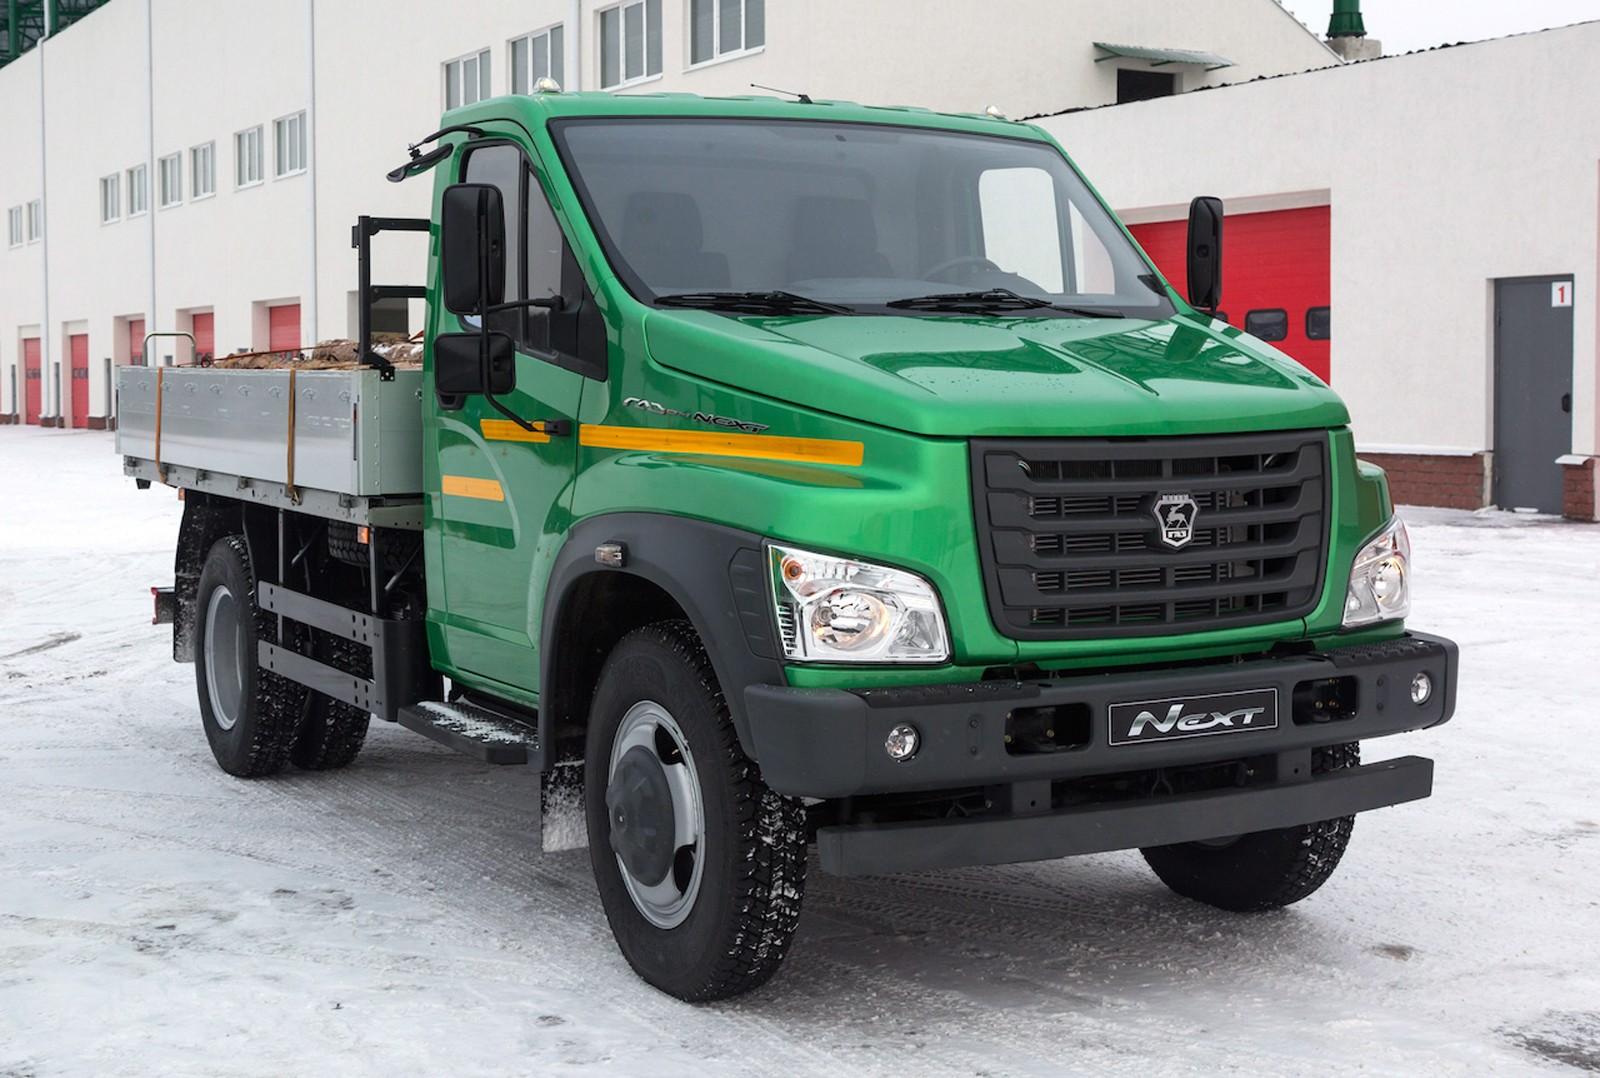 избавиться новый газон грузовик фото работе твою жизнь